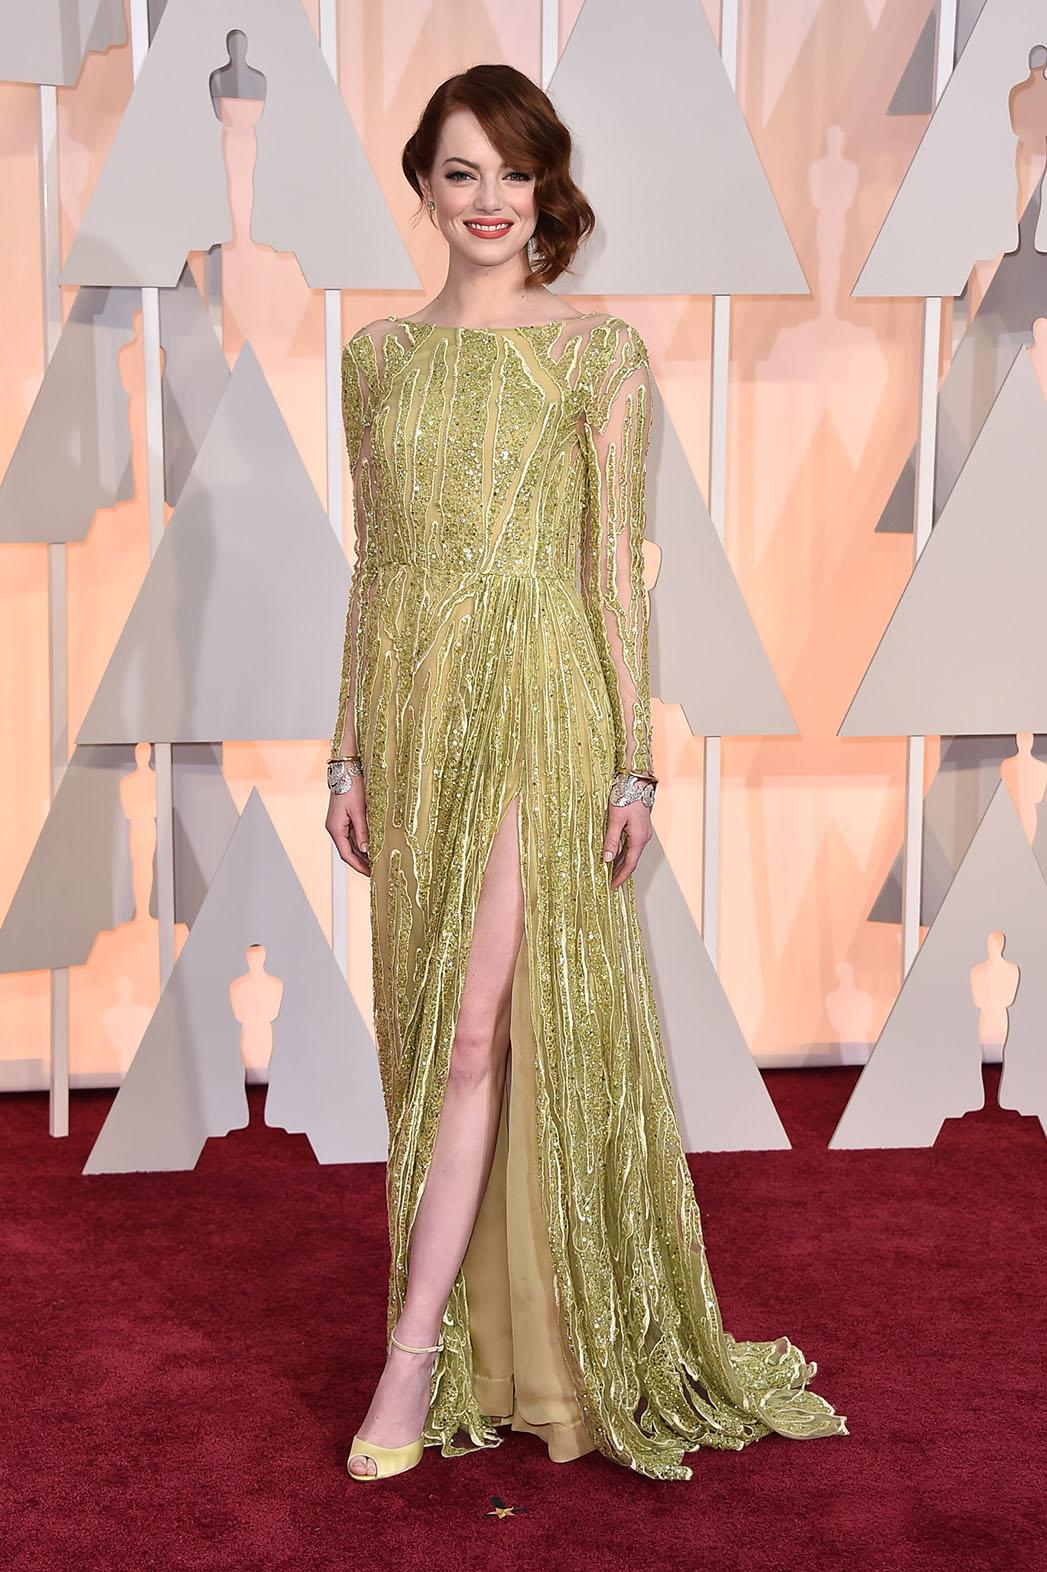 Emma Stone at Oscars 2015